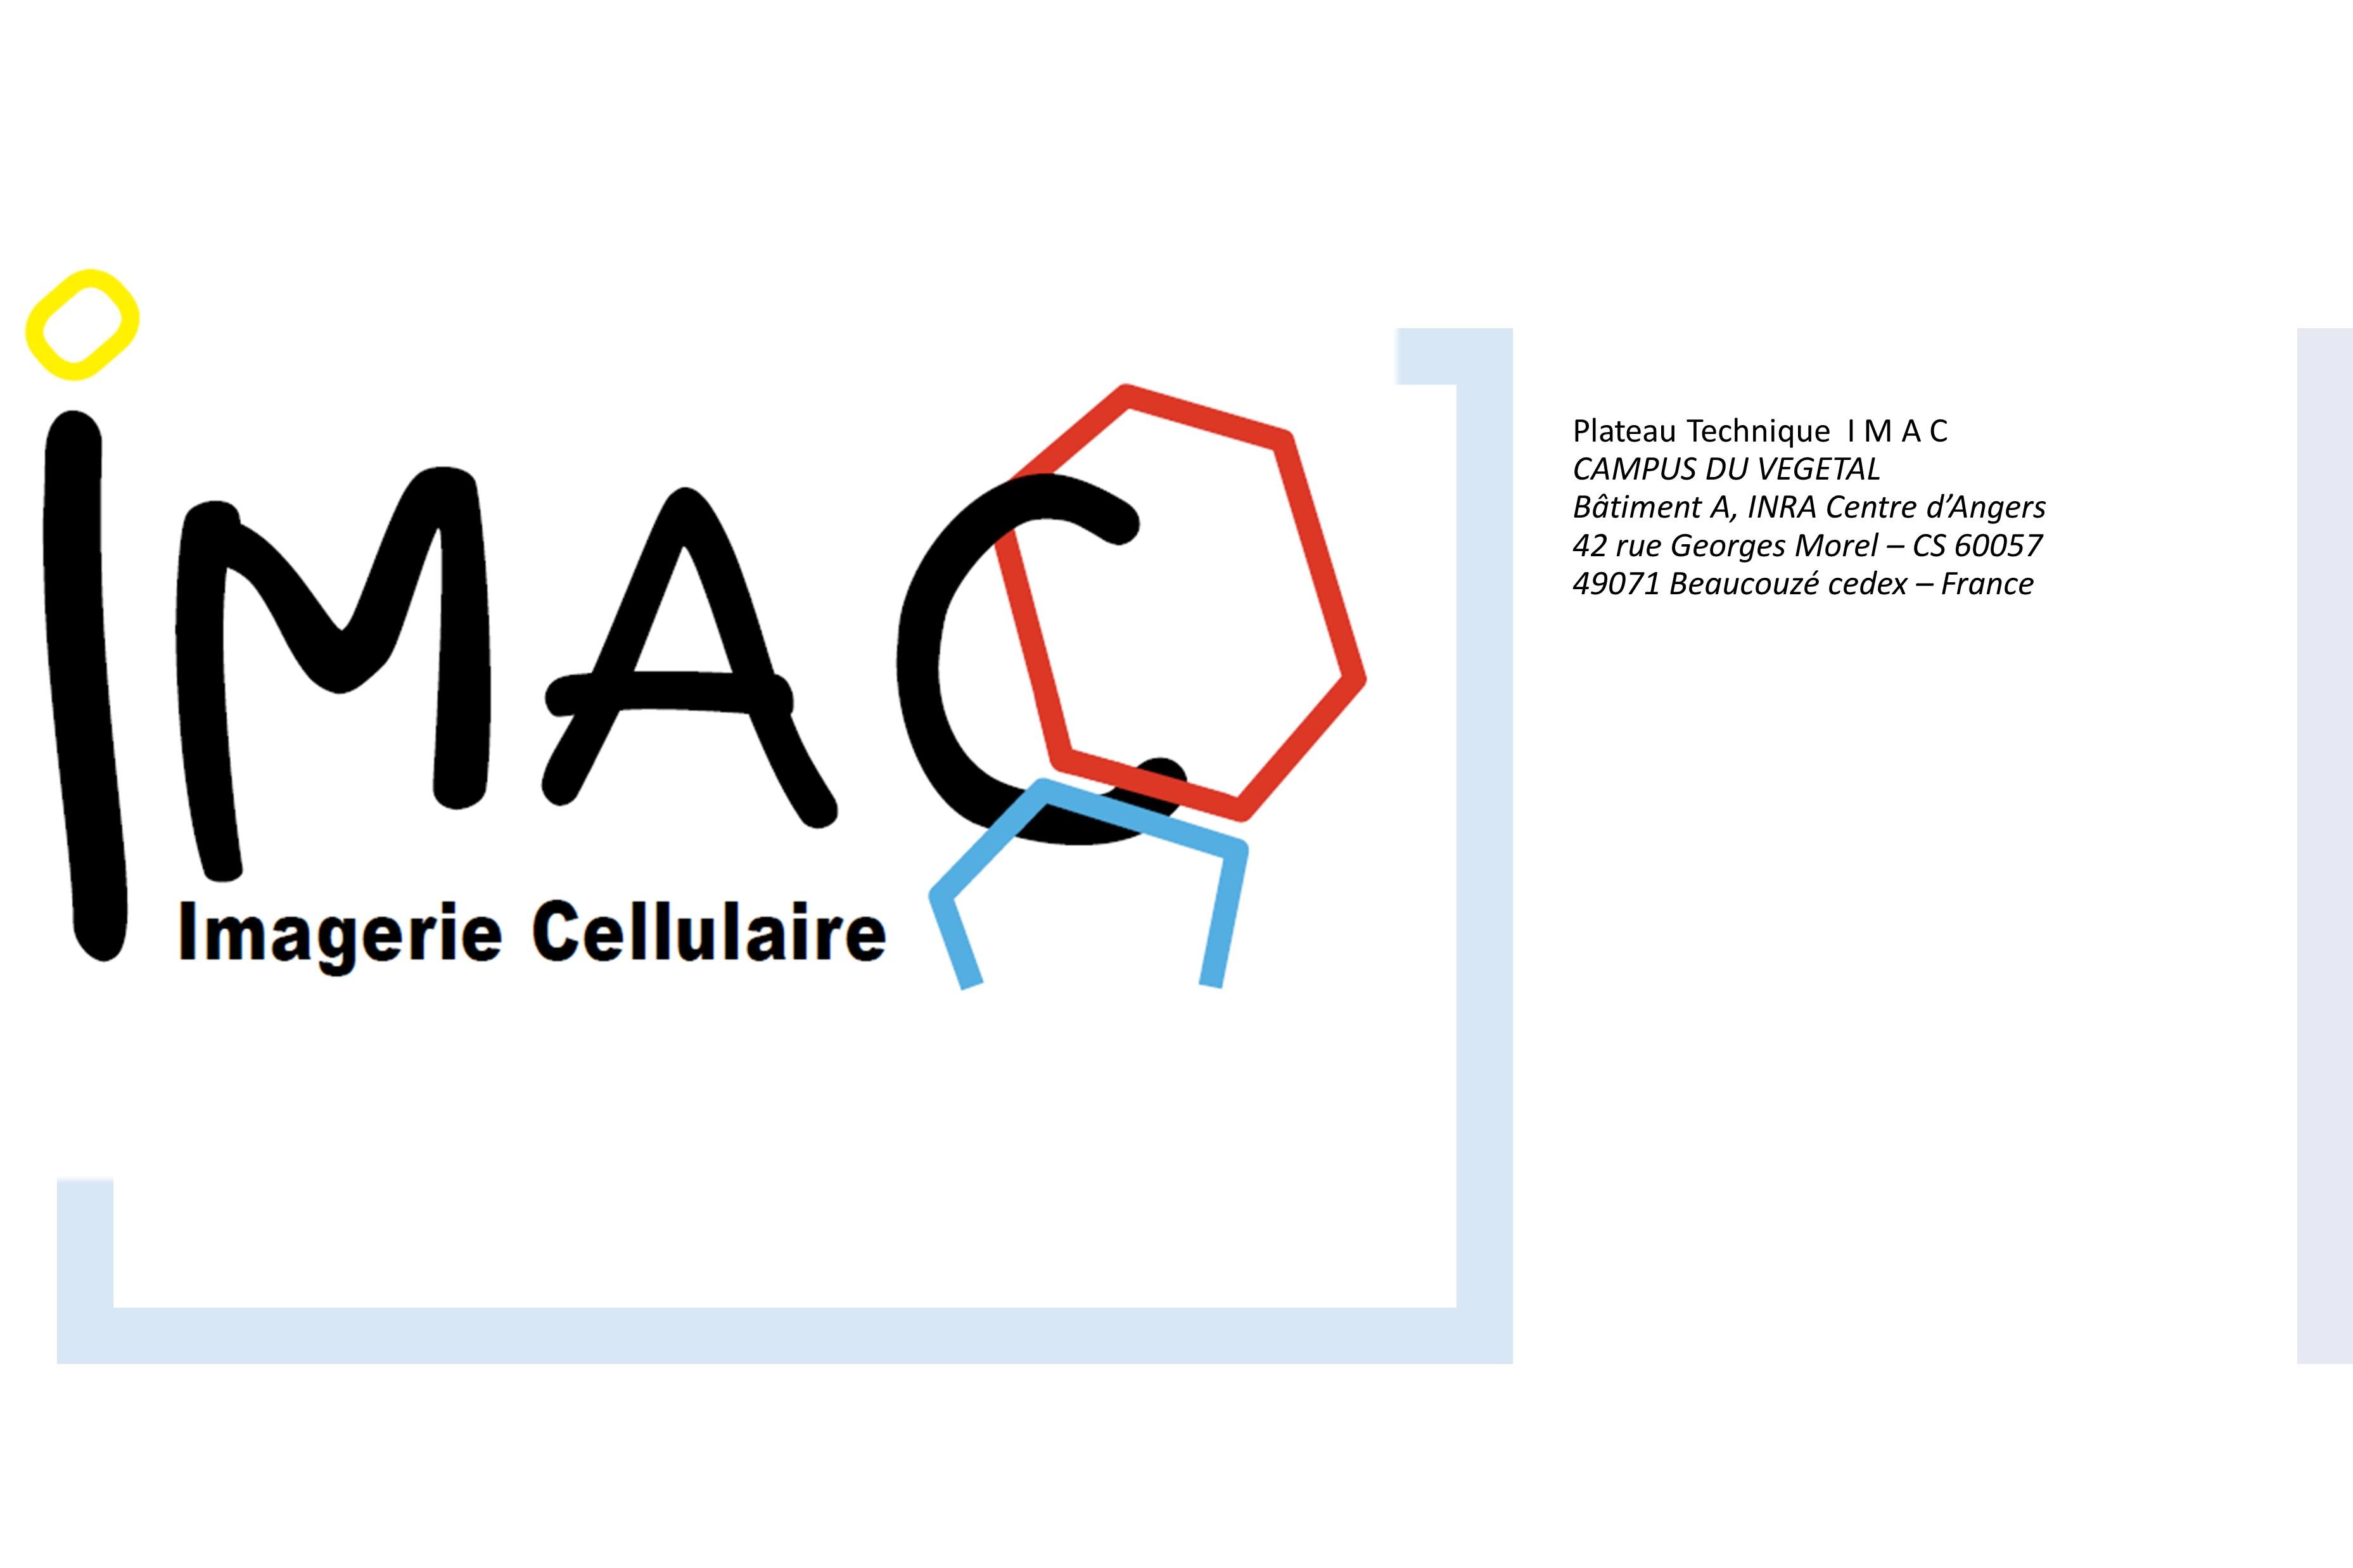 Logo Plateau TechniqueIMAC